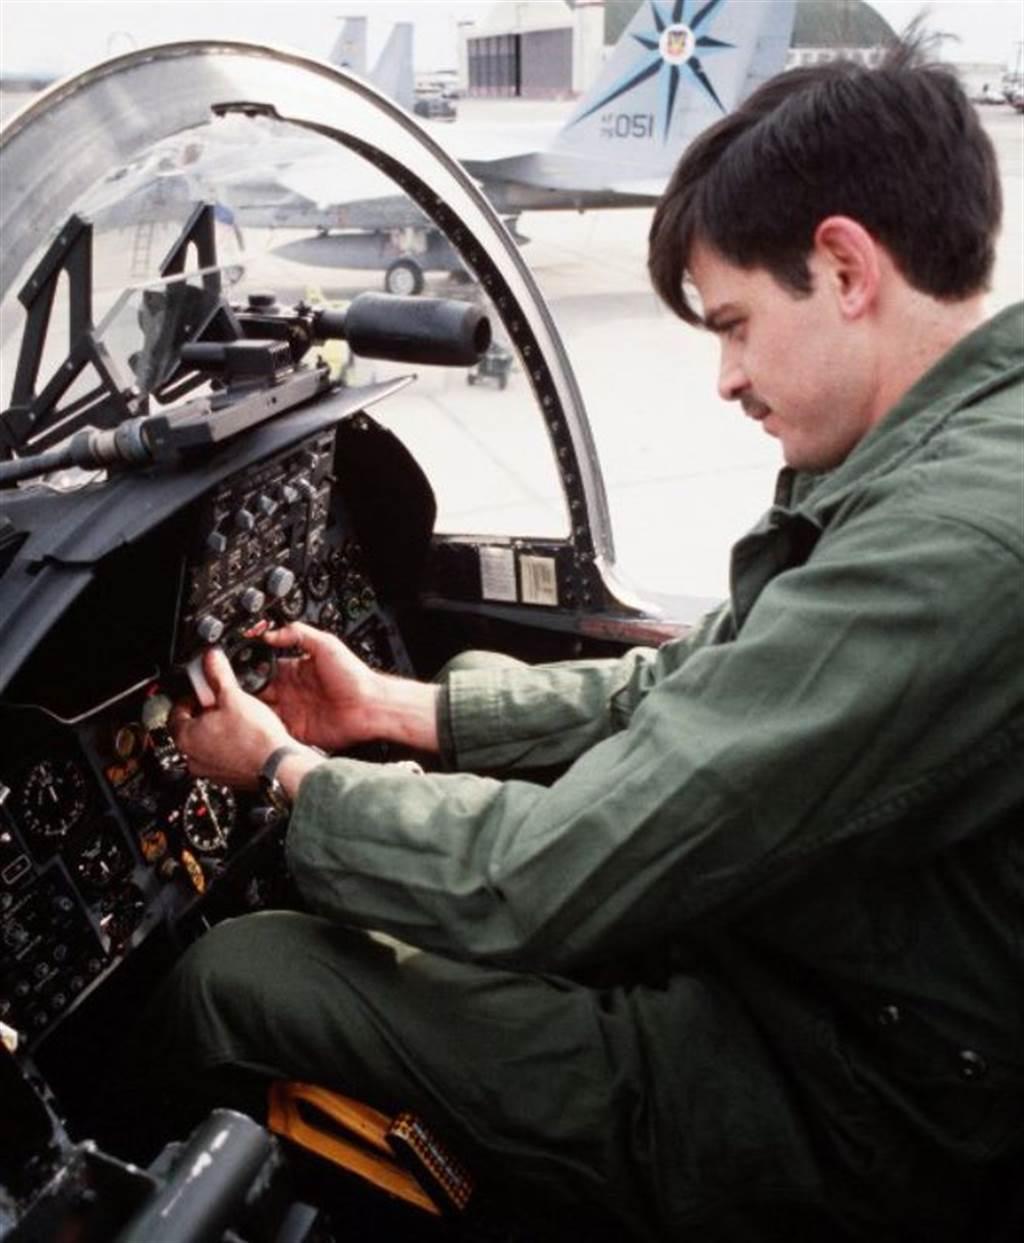 F-15抬頭顯示器旁邊,那隻筒狀物就是額外加上的高倍狙擊鏡,用來觀察遠方目標的。(圖/美國空軍)